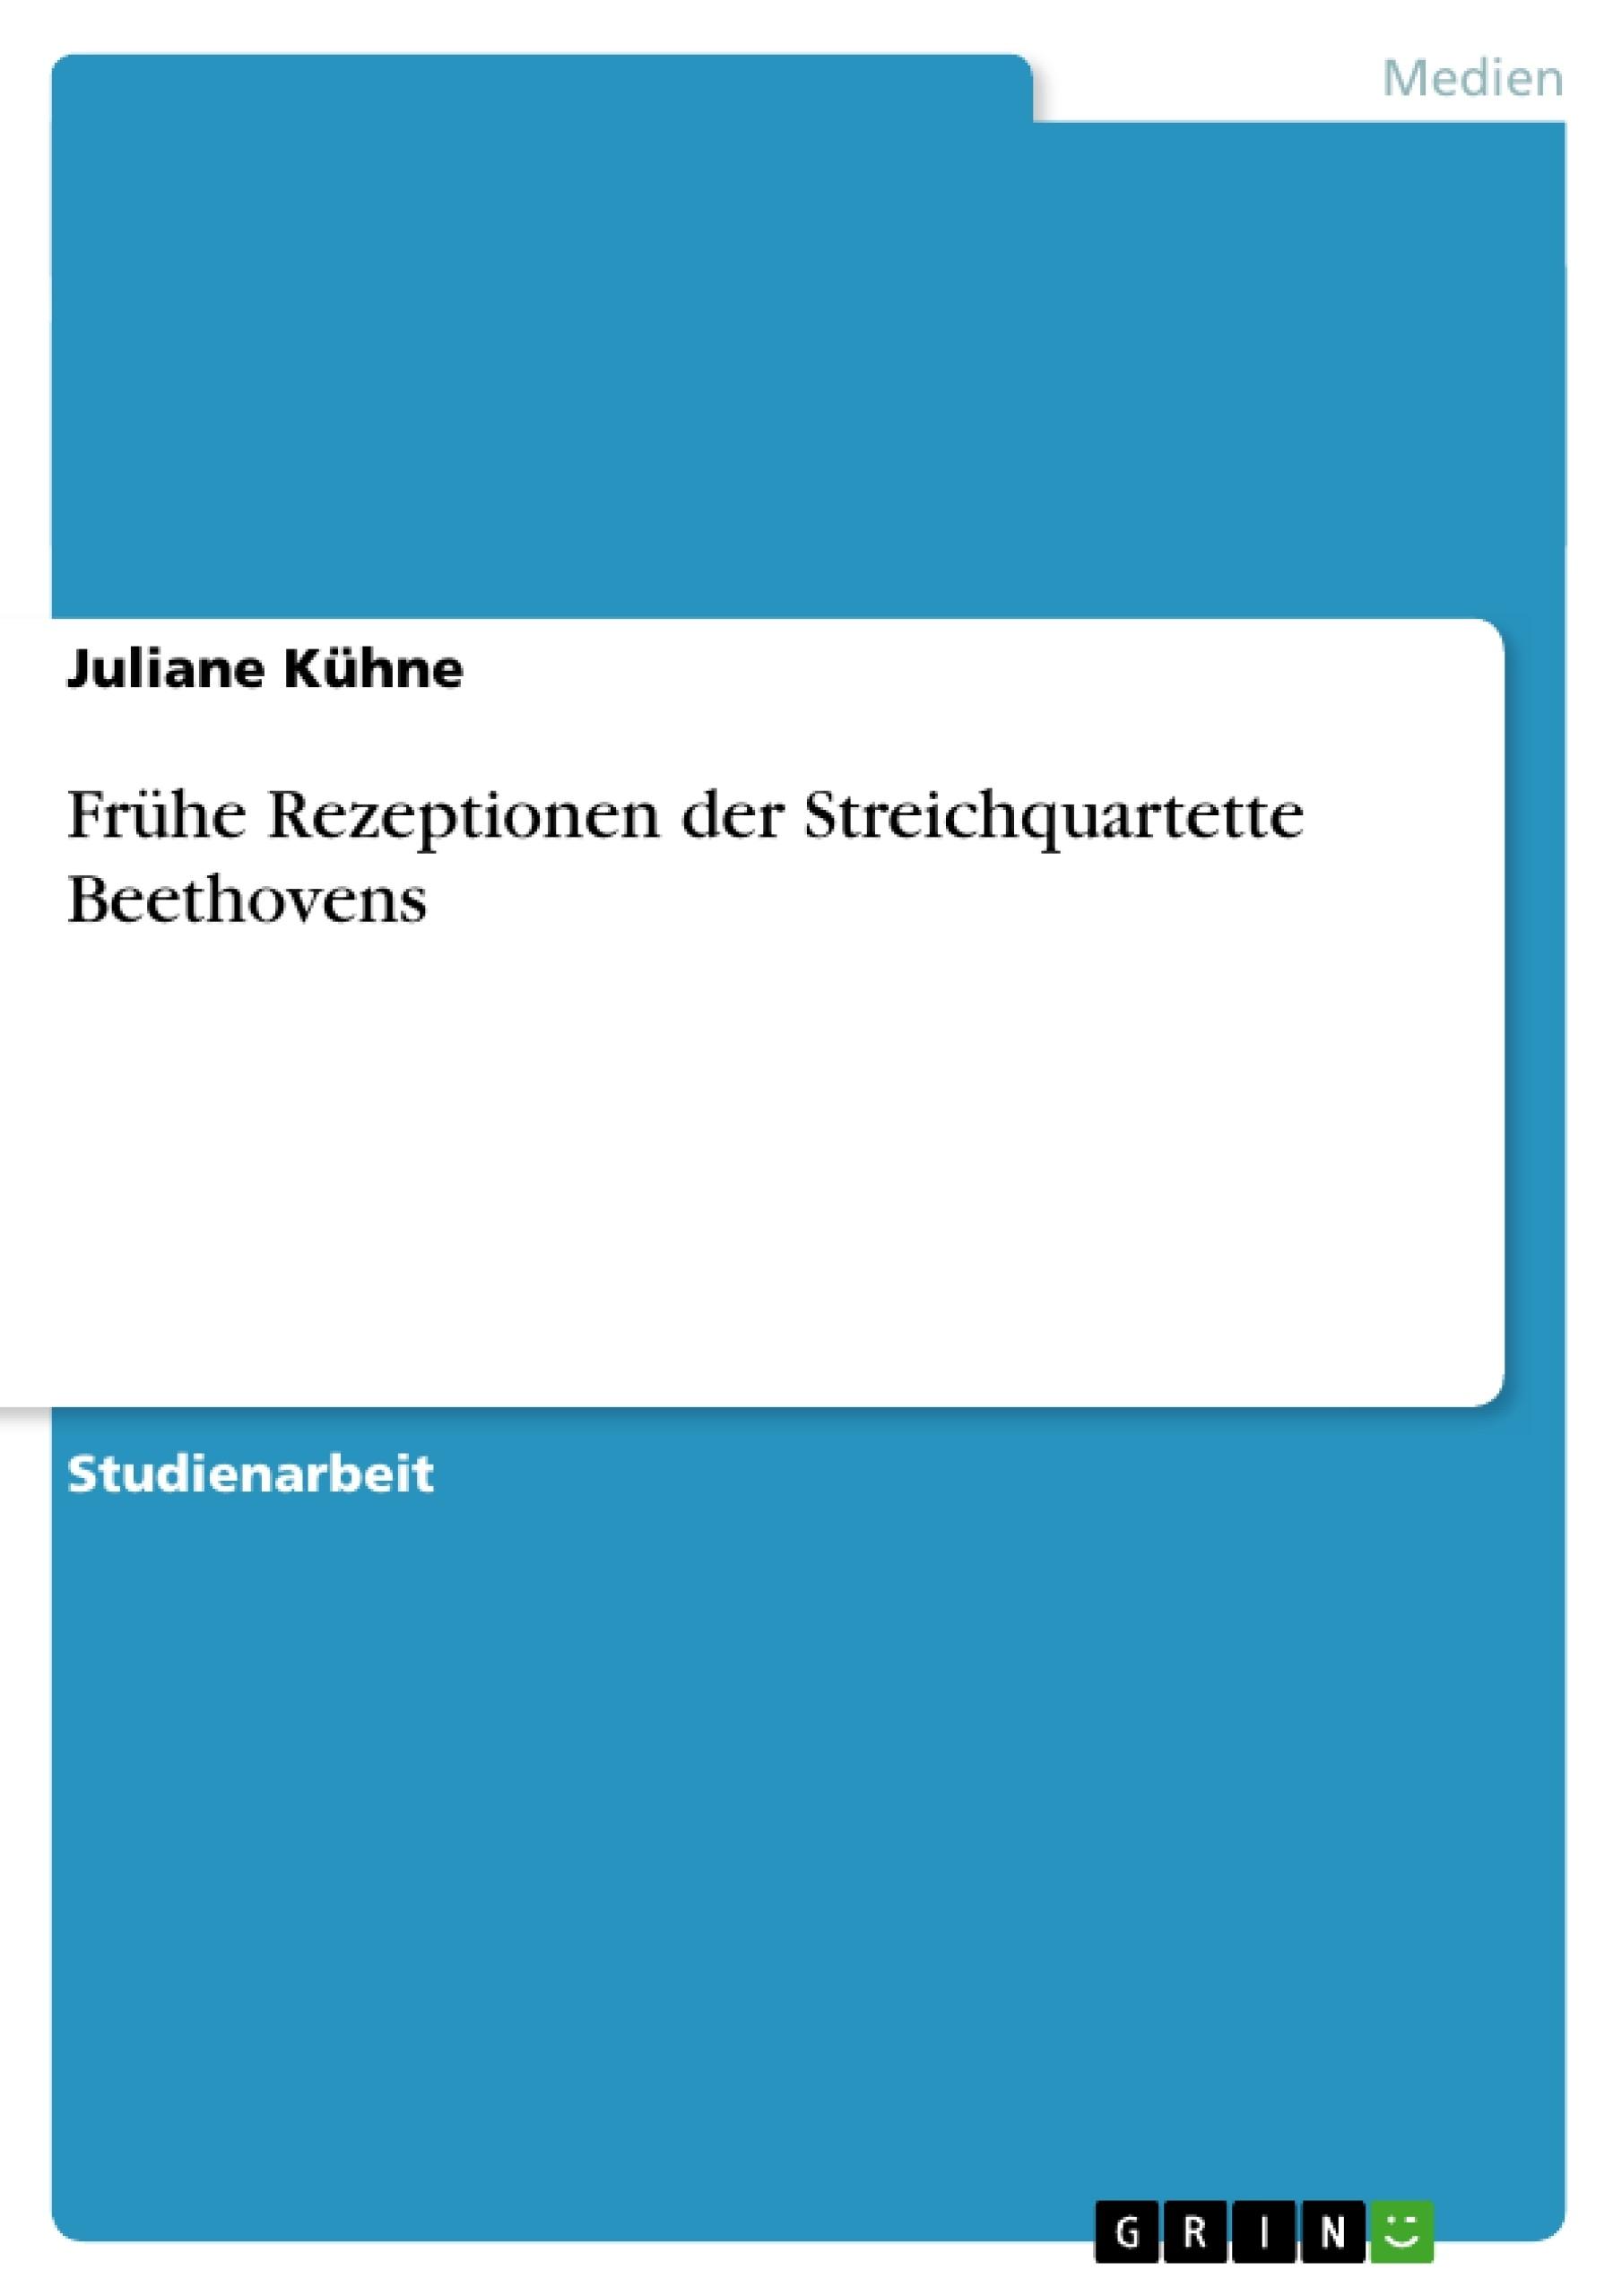 Titel: Frühe Rezeptionen der Streichquartette Beethovens